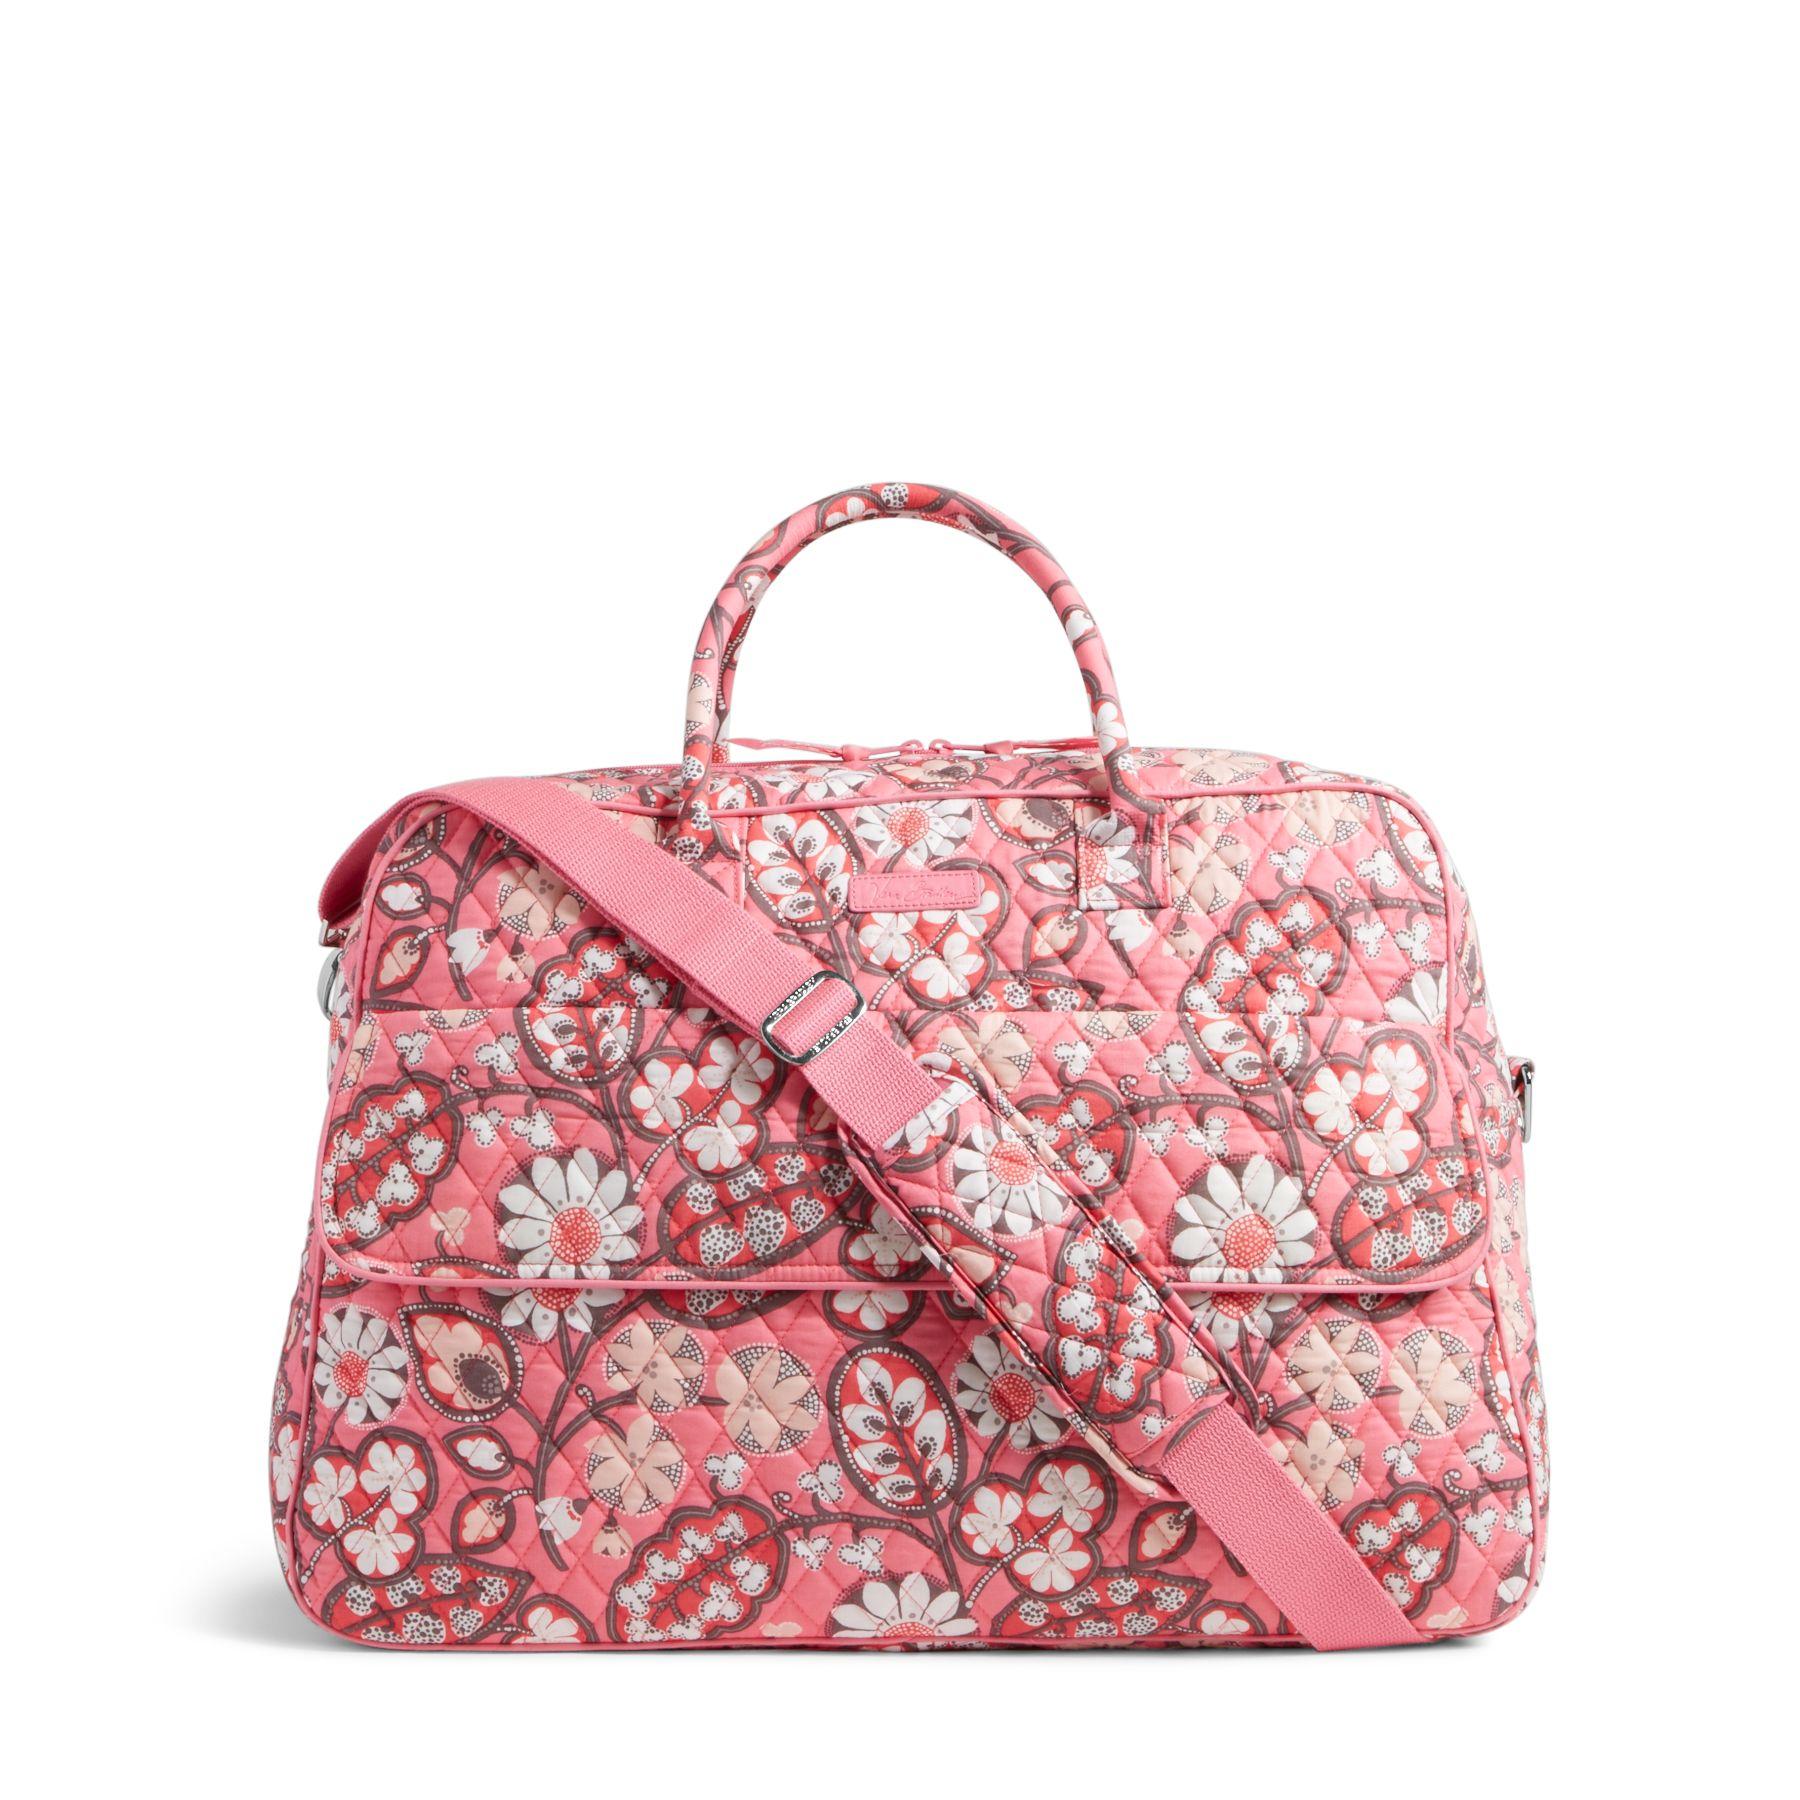 b914e49e99c3 886003351925. Vera Bradley Grand Traveler Travel Bag in Blush Pink. EAN-13  Barcode of UPC 886003369883